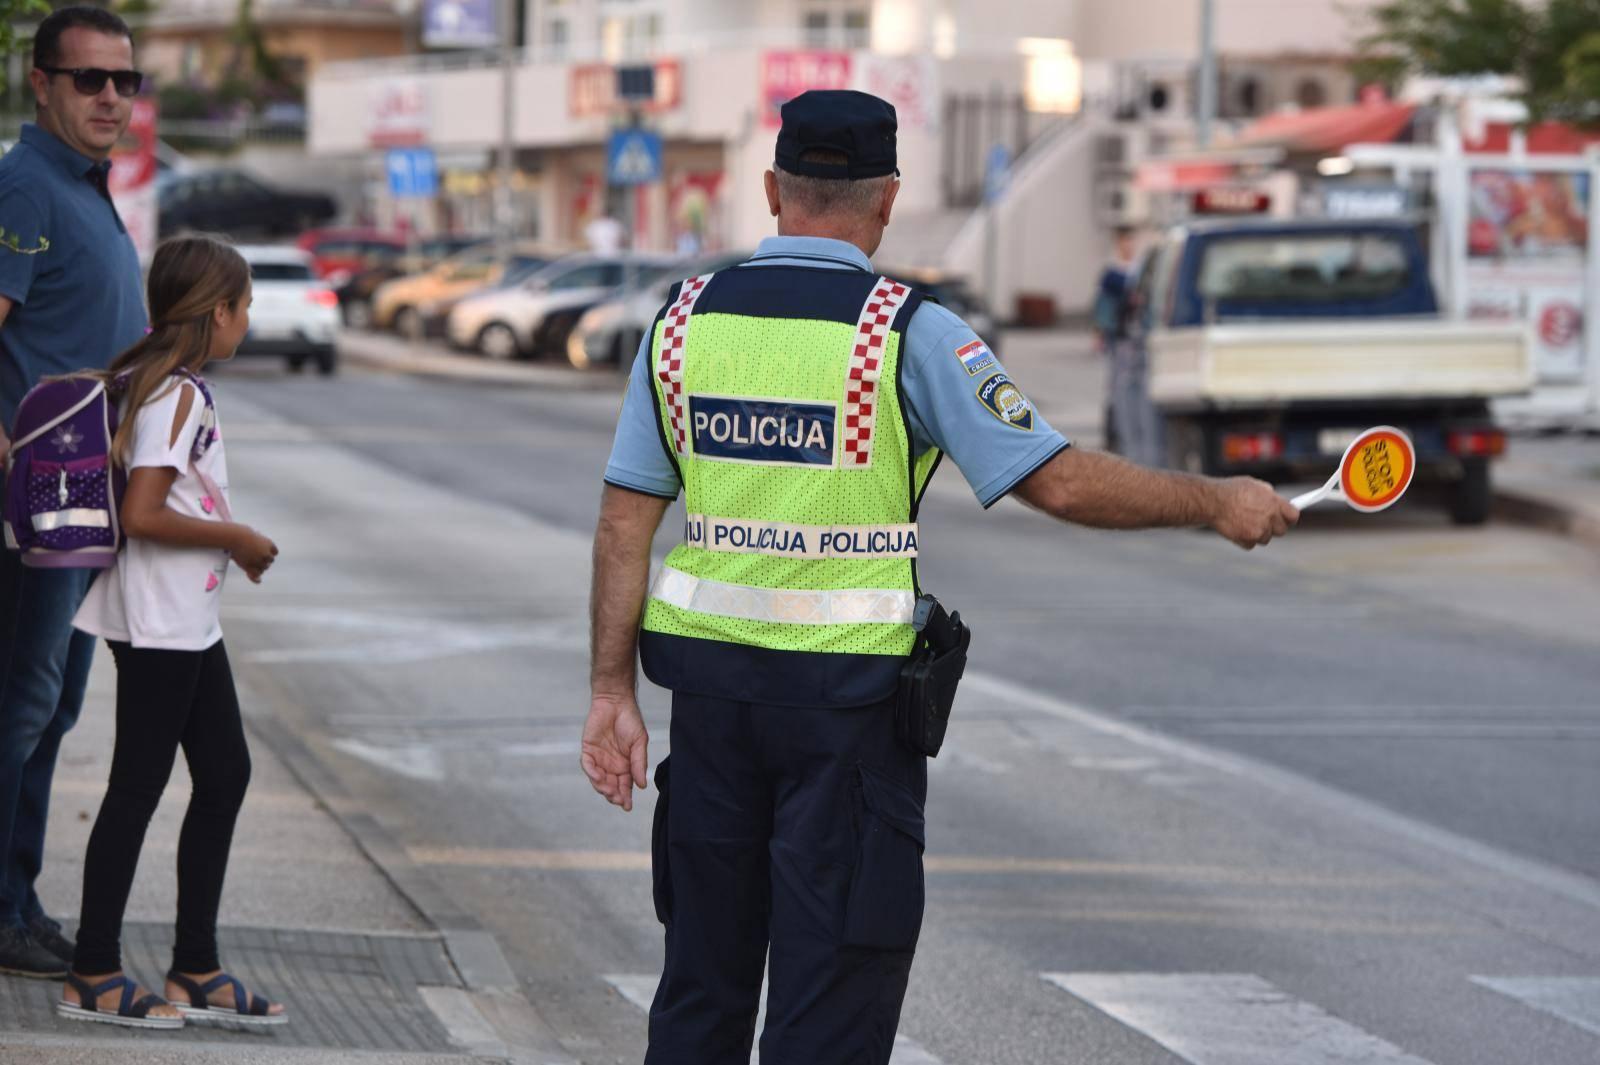 Oprez u prometu, počela je škola: 'Poštujte naše znakove'